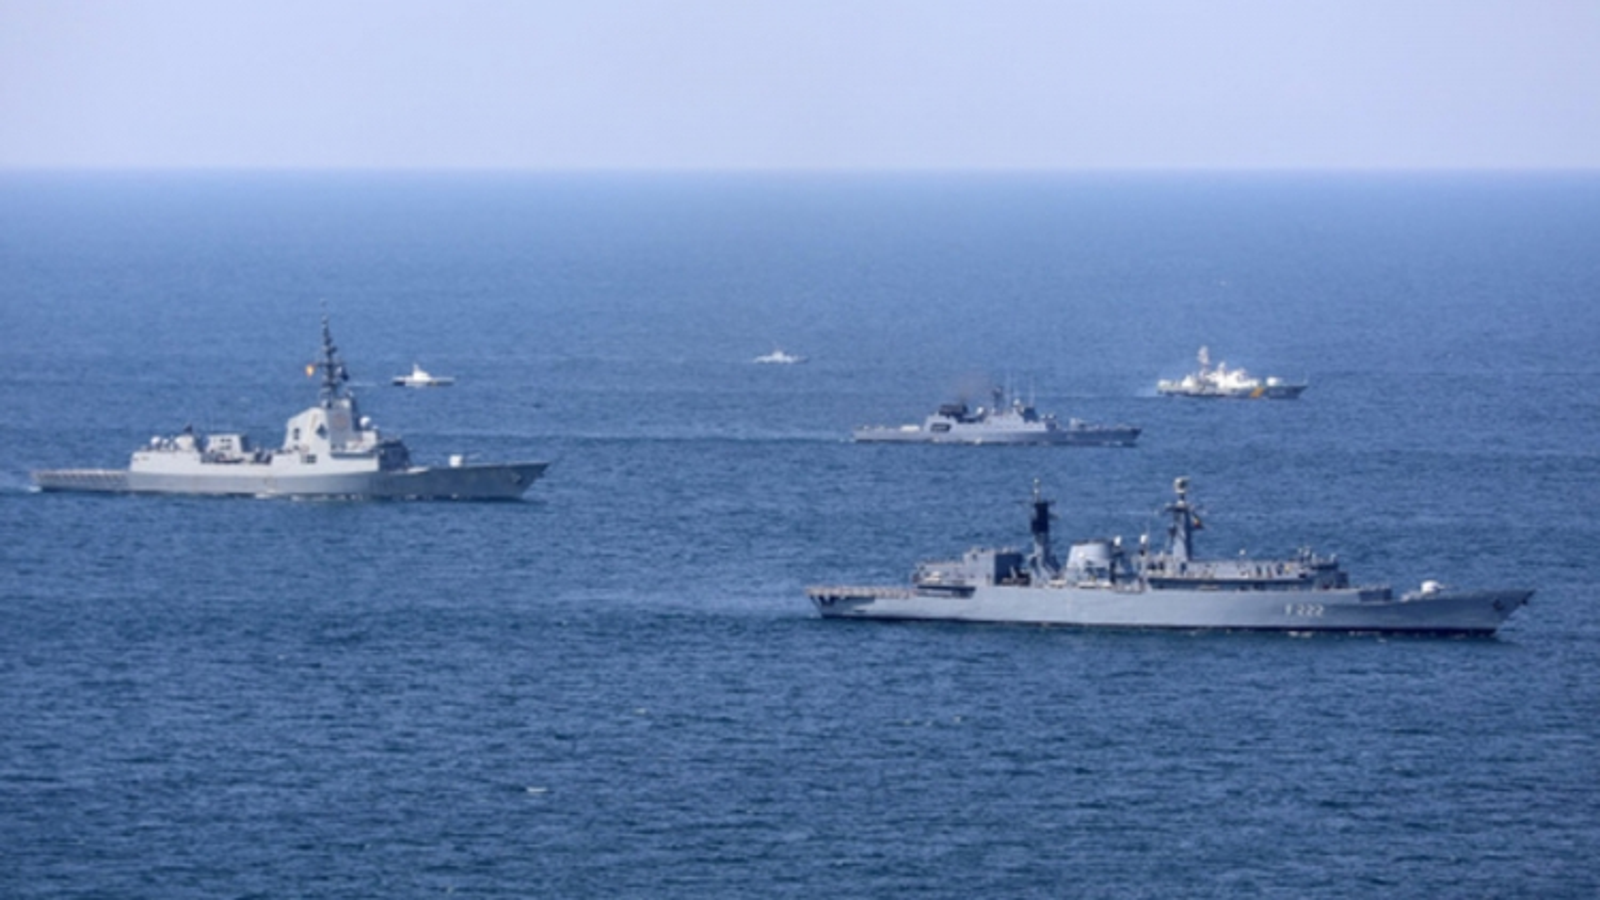 Mỹ và đồng minh tăng cường tập trận Biển Đen, Nga điều chiến đấu cơ bảo vệ biên giới